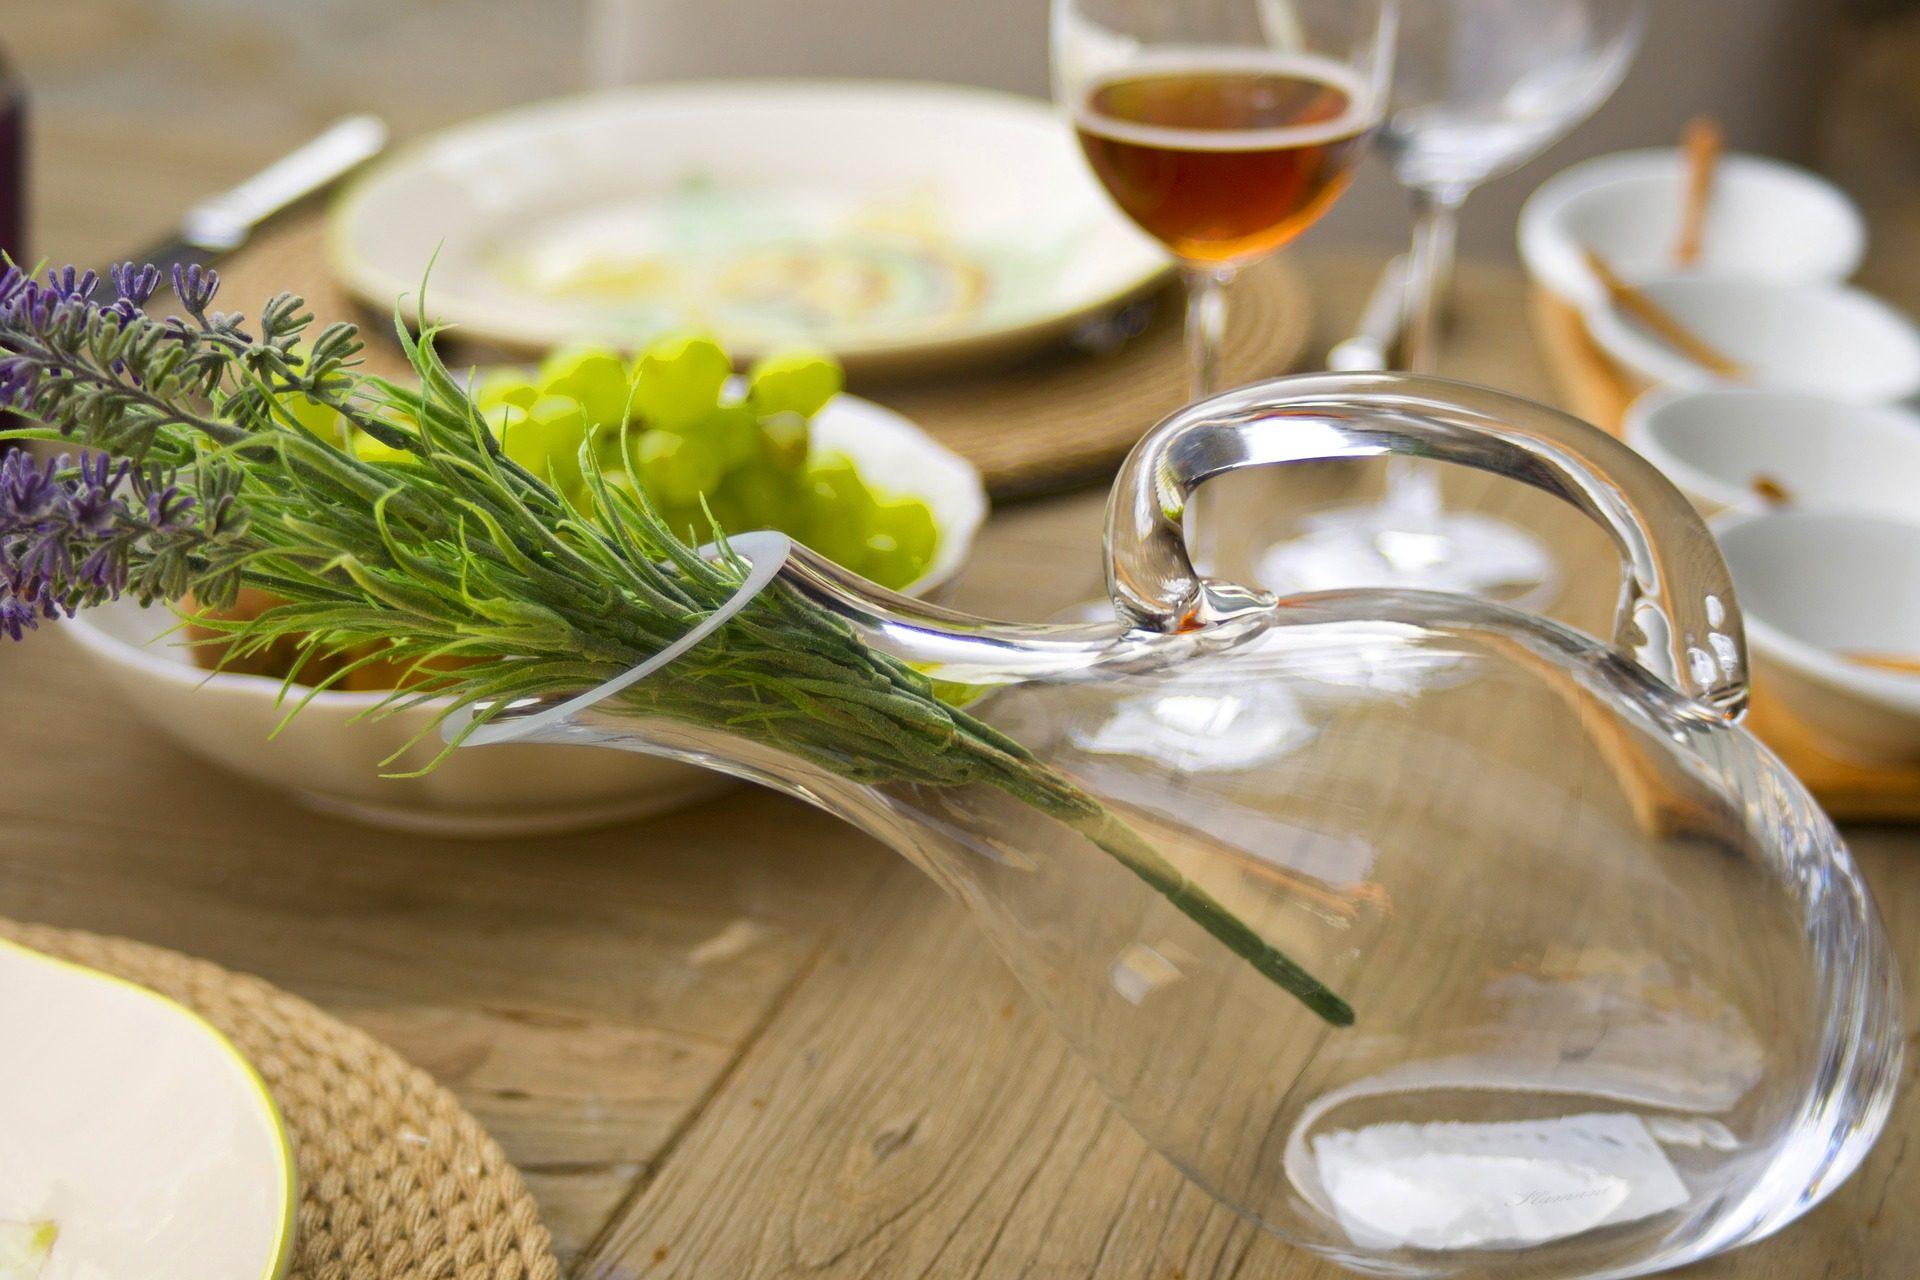 الجدول, الخشب, زهرية, كريستال, الزهور, أطباق, كوب - خلفيات عالية الدقة - أستاذ falken.com